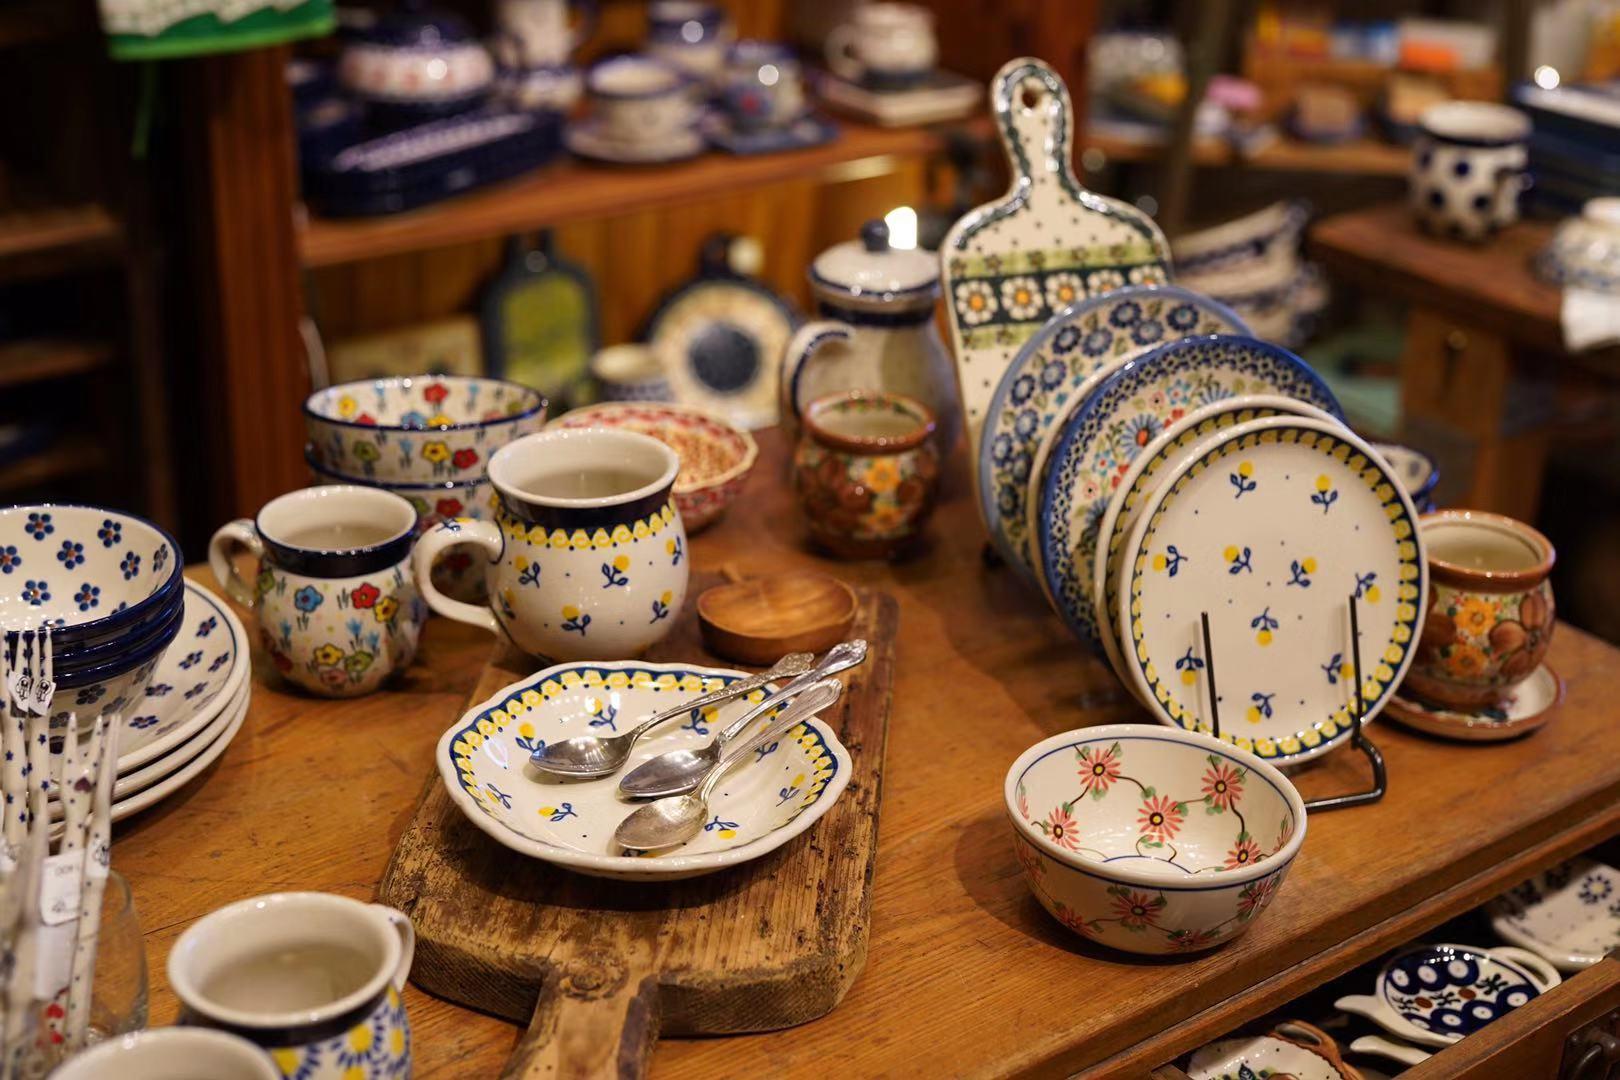 """ポーランド食器と雑貨の「ピグマリオン商會」で見つけた私の""""お気に入り"""" - ps3"""